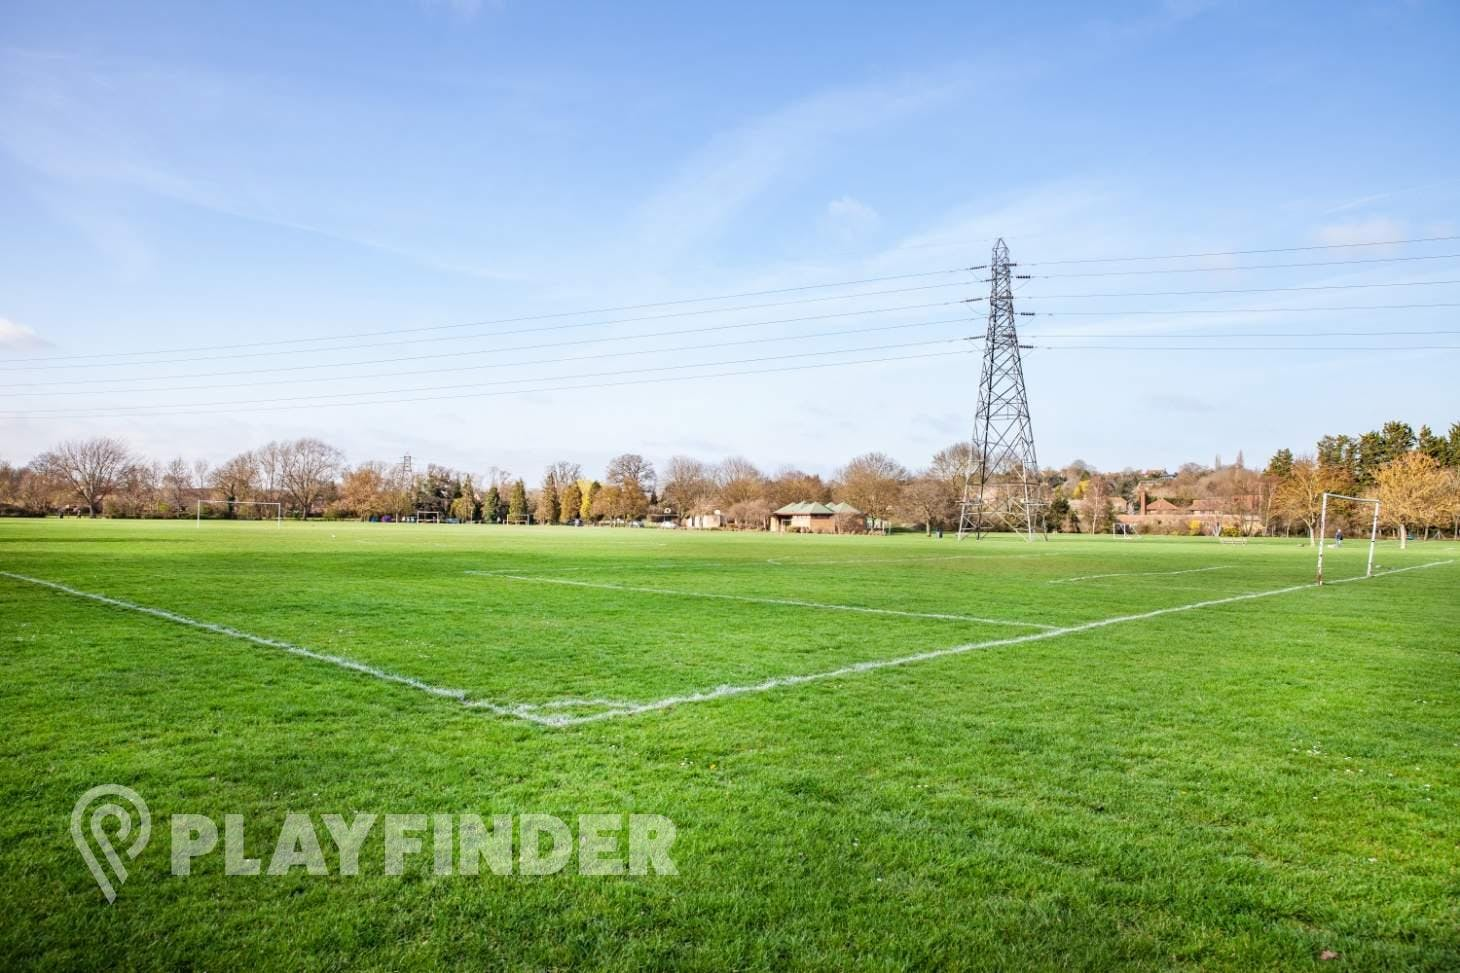 Mowsbury Park 9 a side   Grass football pitch